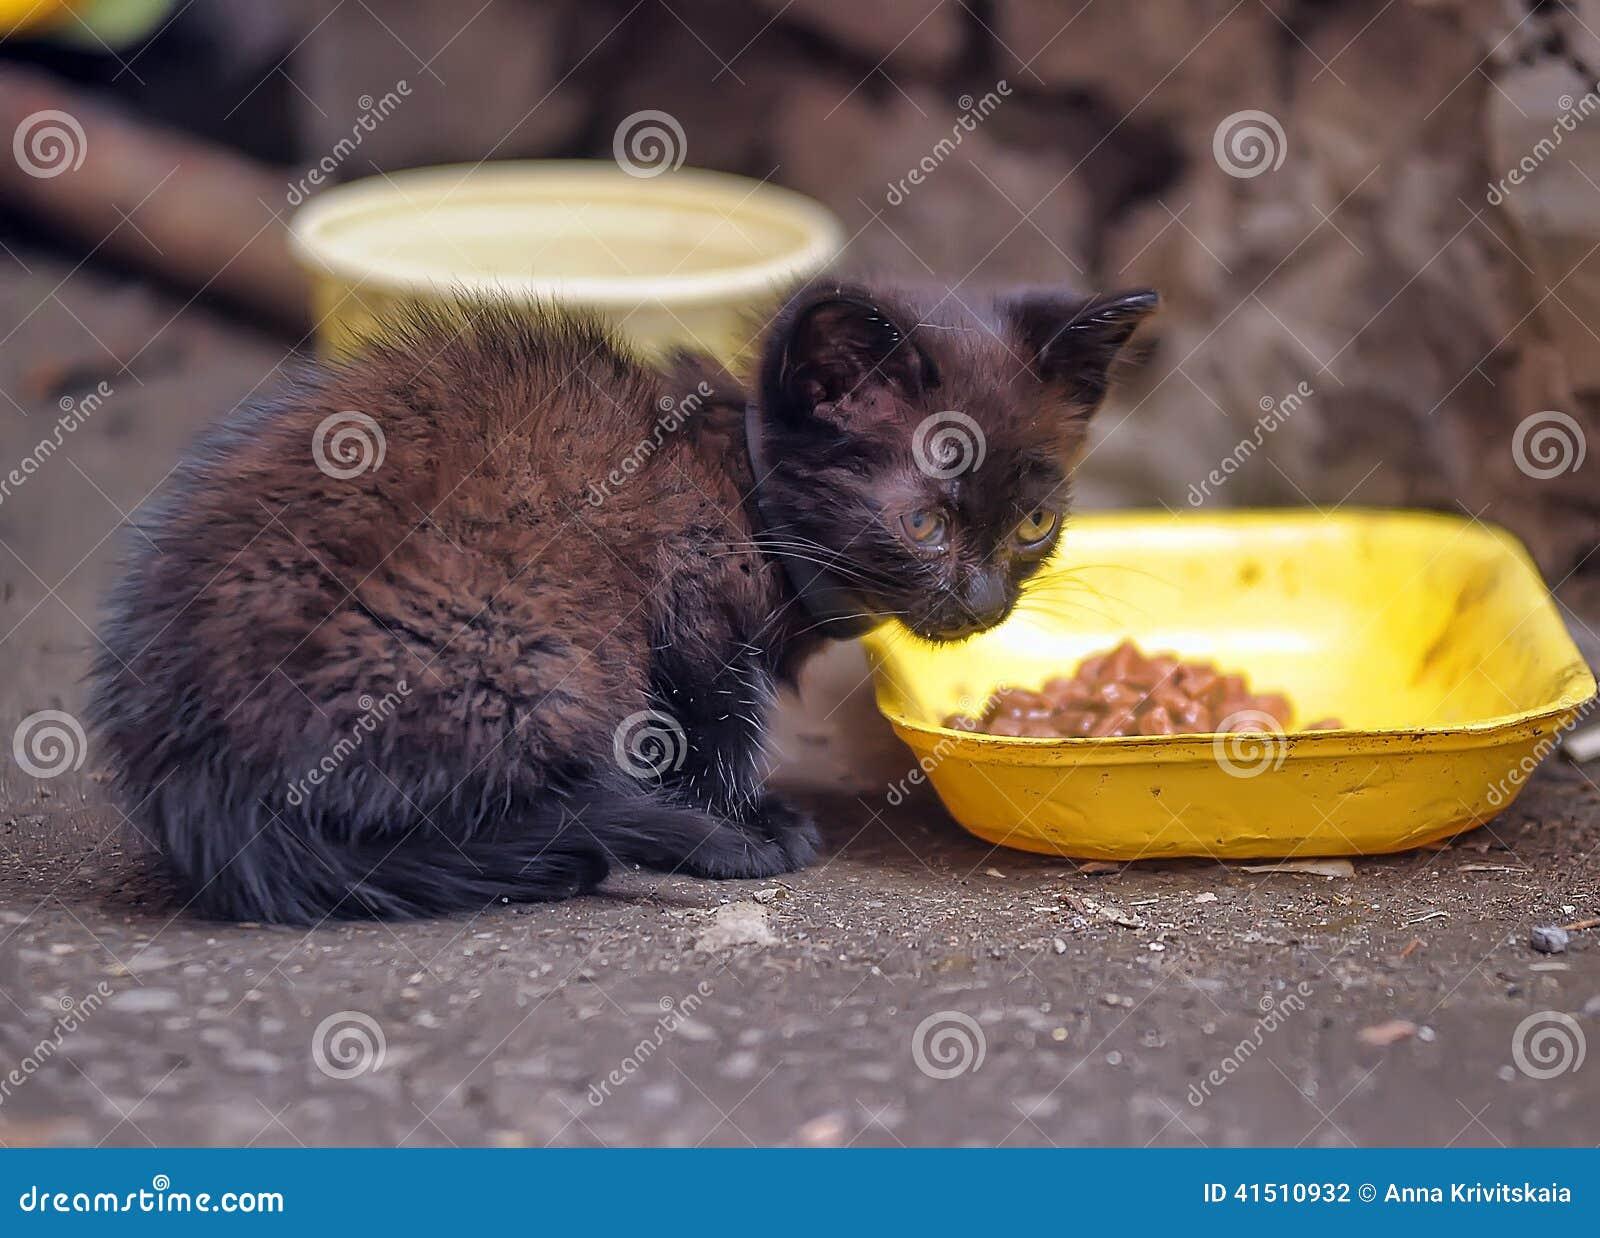 Dakloos katje op de straat